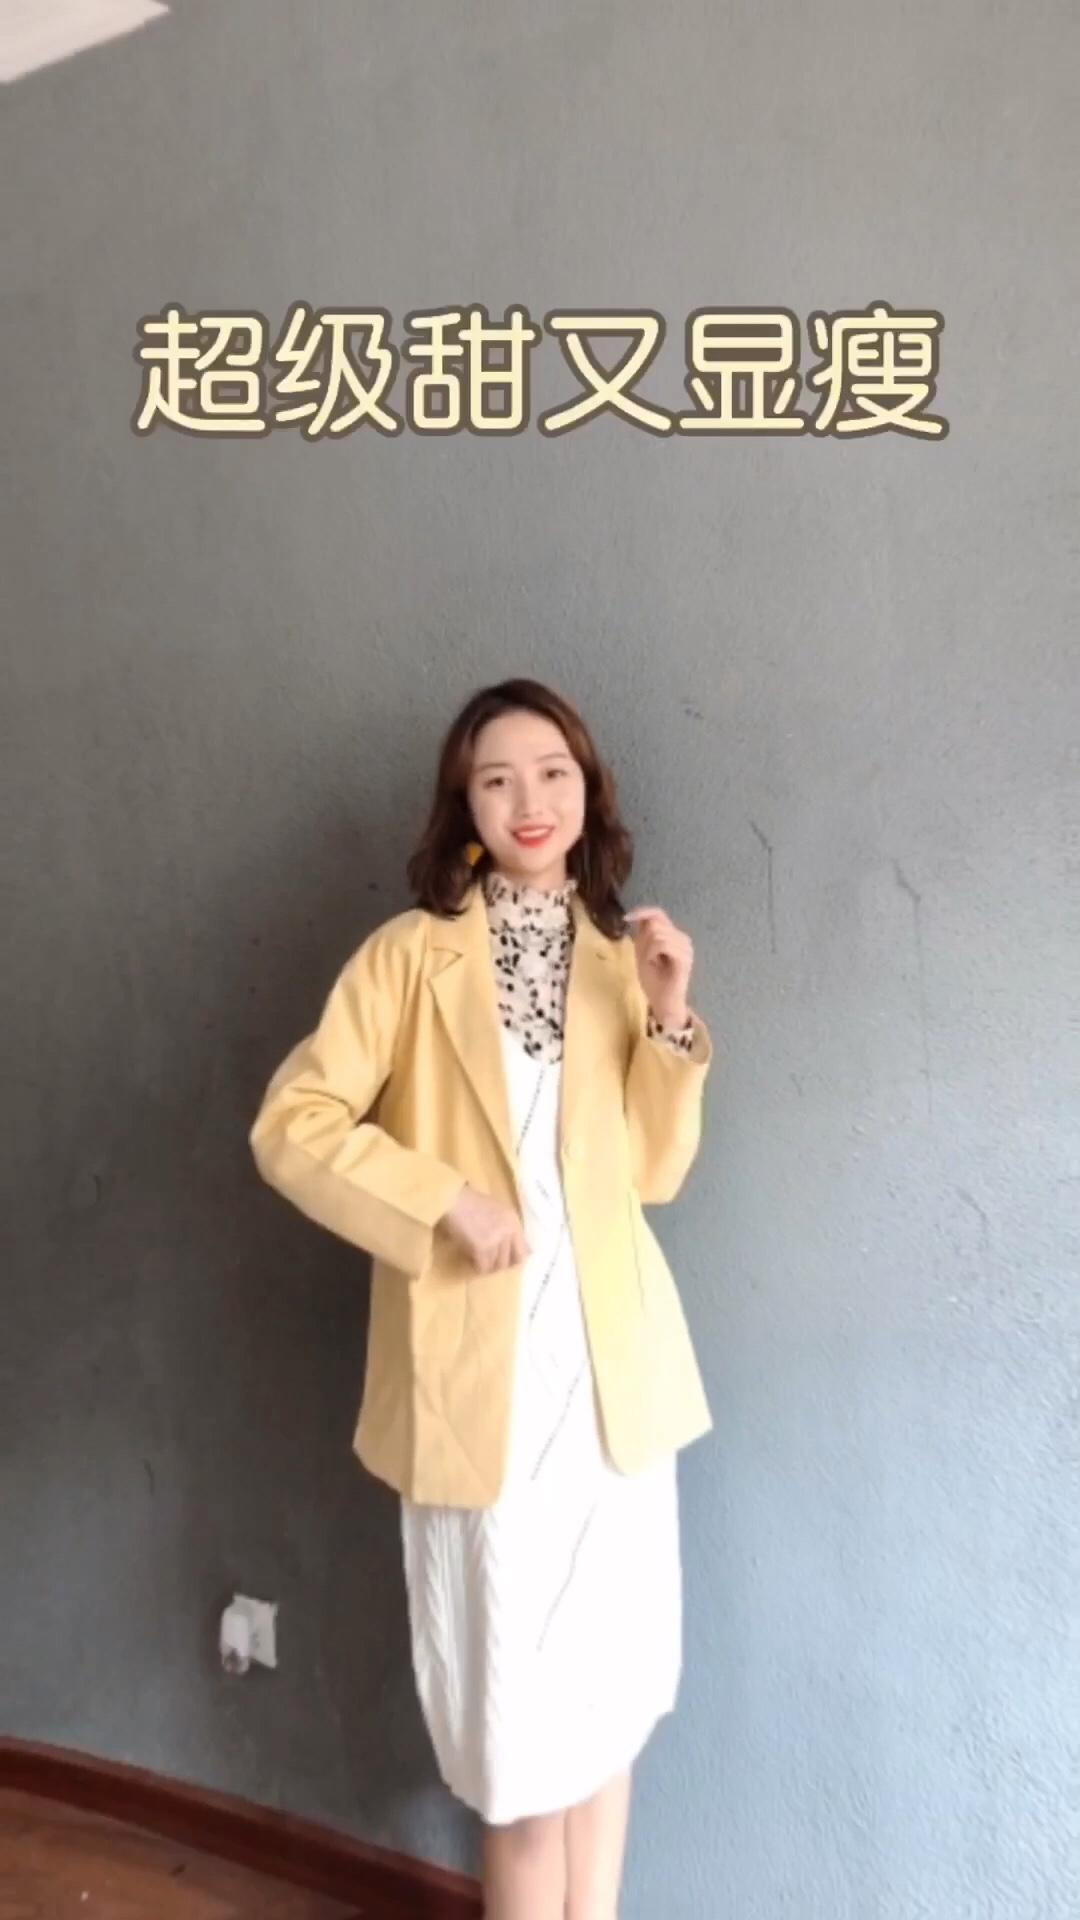 #小长假倒计时,明天上班穿这套!# 天凉来个西装外套吧 黄色西装外套给人眼前一亮的感觉 里搭毛衣套装,保暖又好看 关注我教你更多搭配技巧